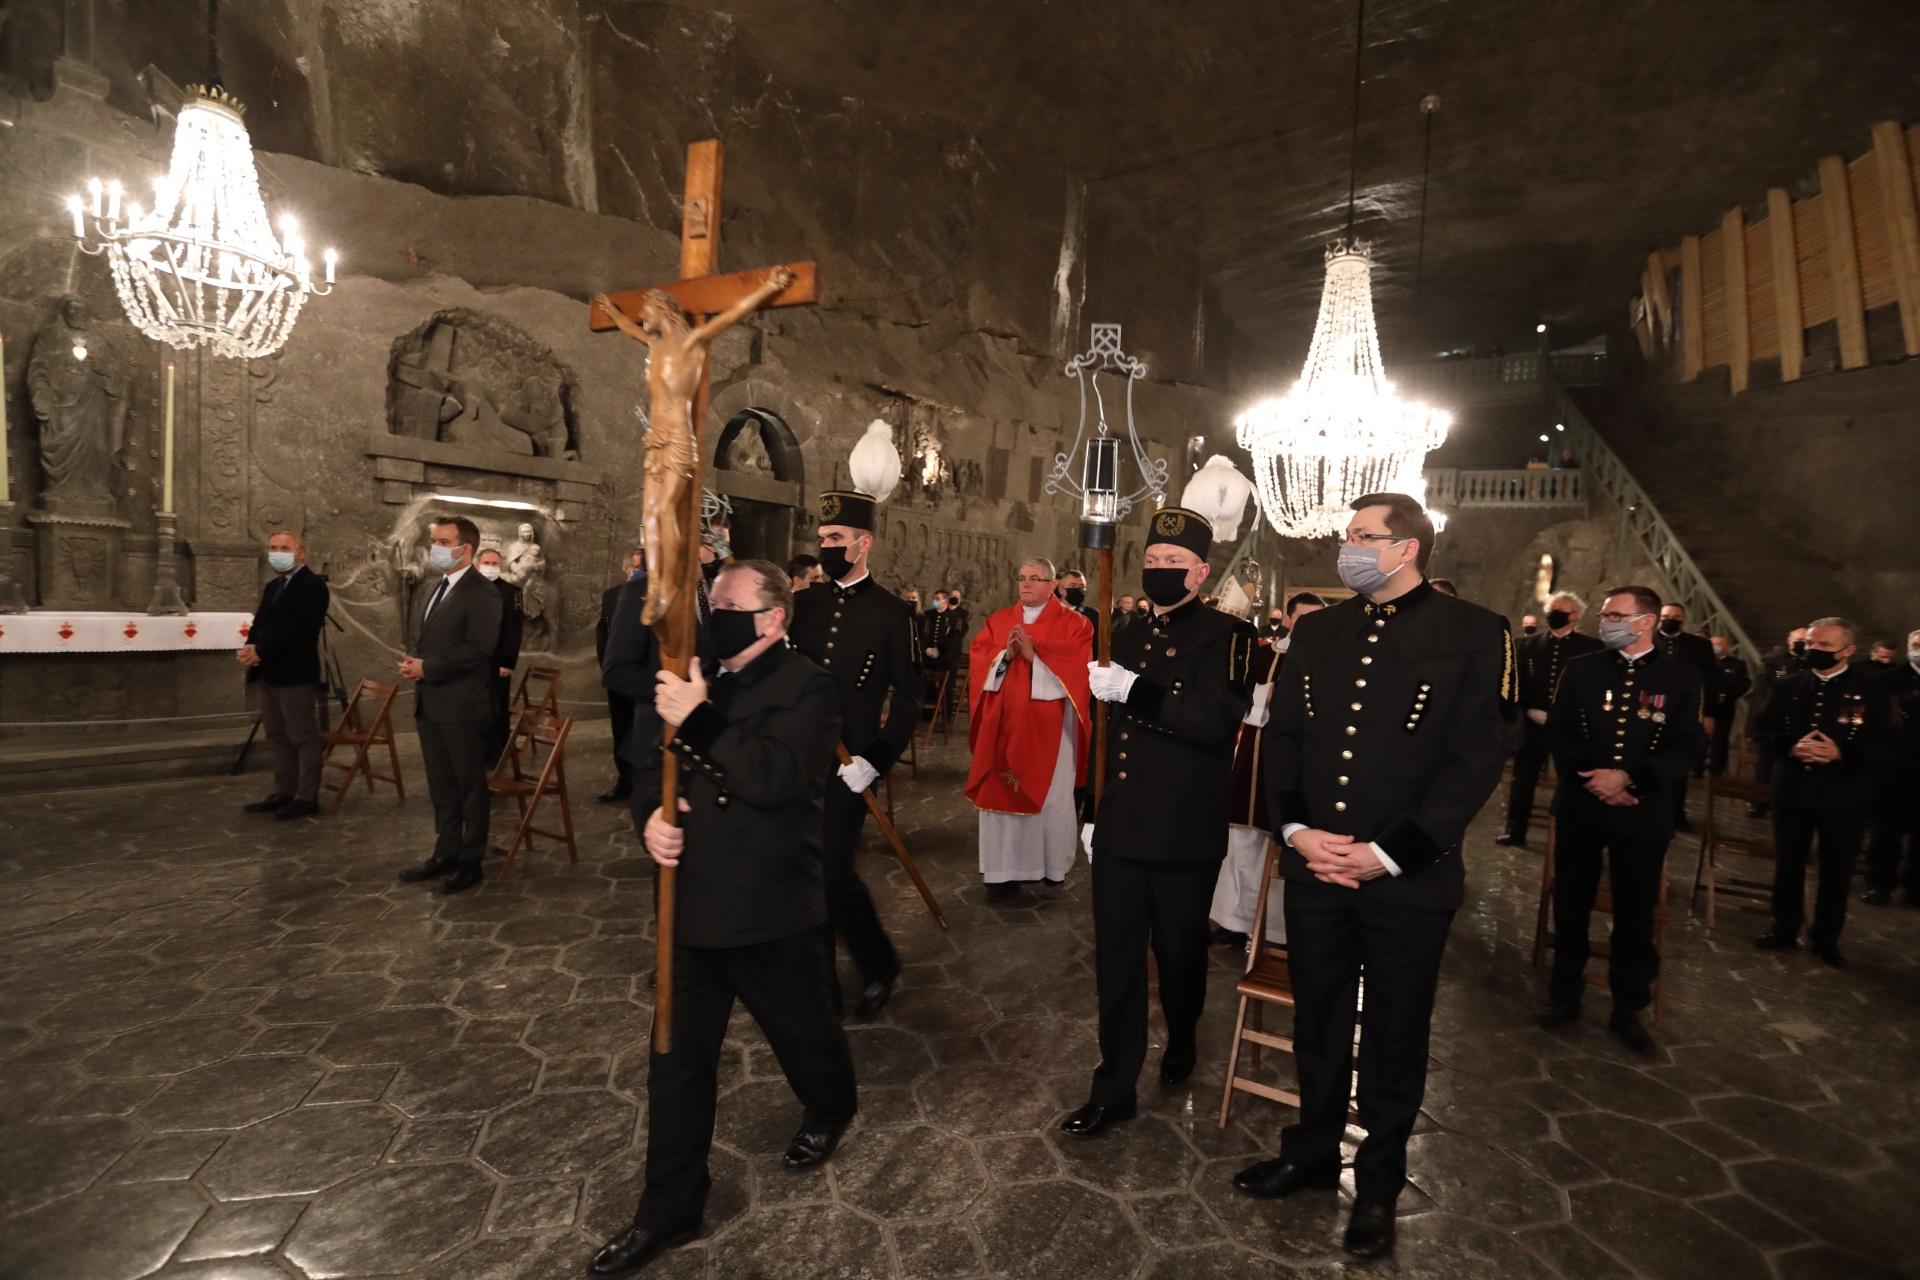 Początek barbórkowej mszy. Przed arcybiskupem Jędraszewskim idzie górnik z drewnianym krzyżem